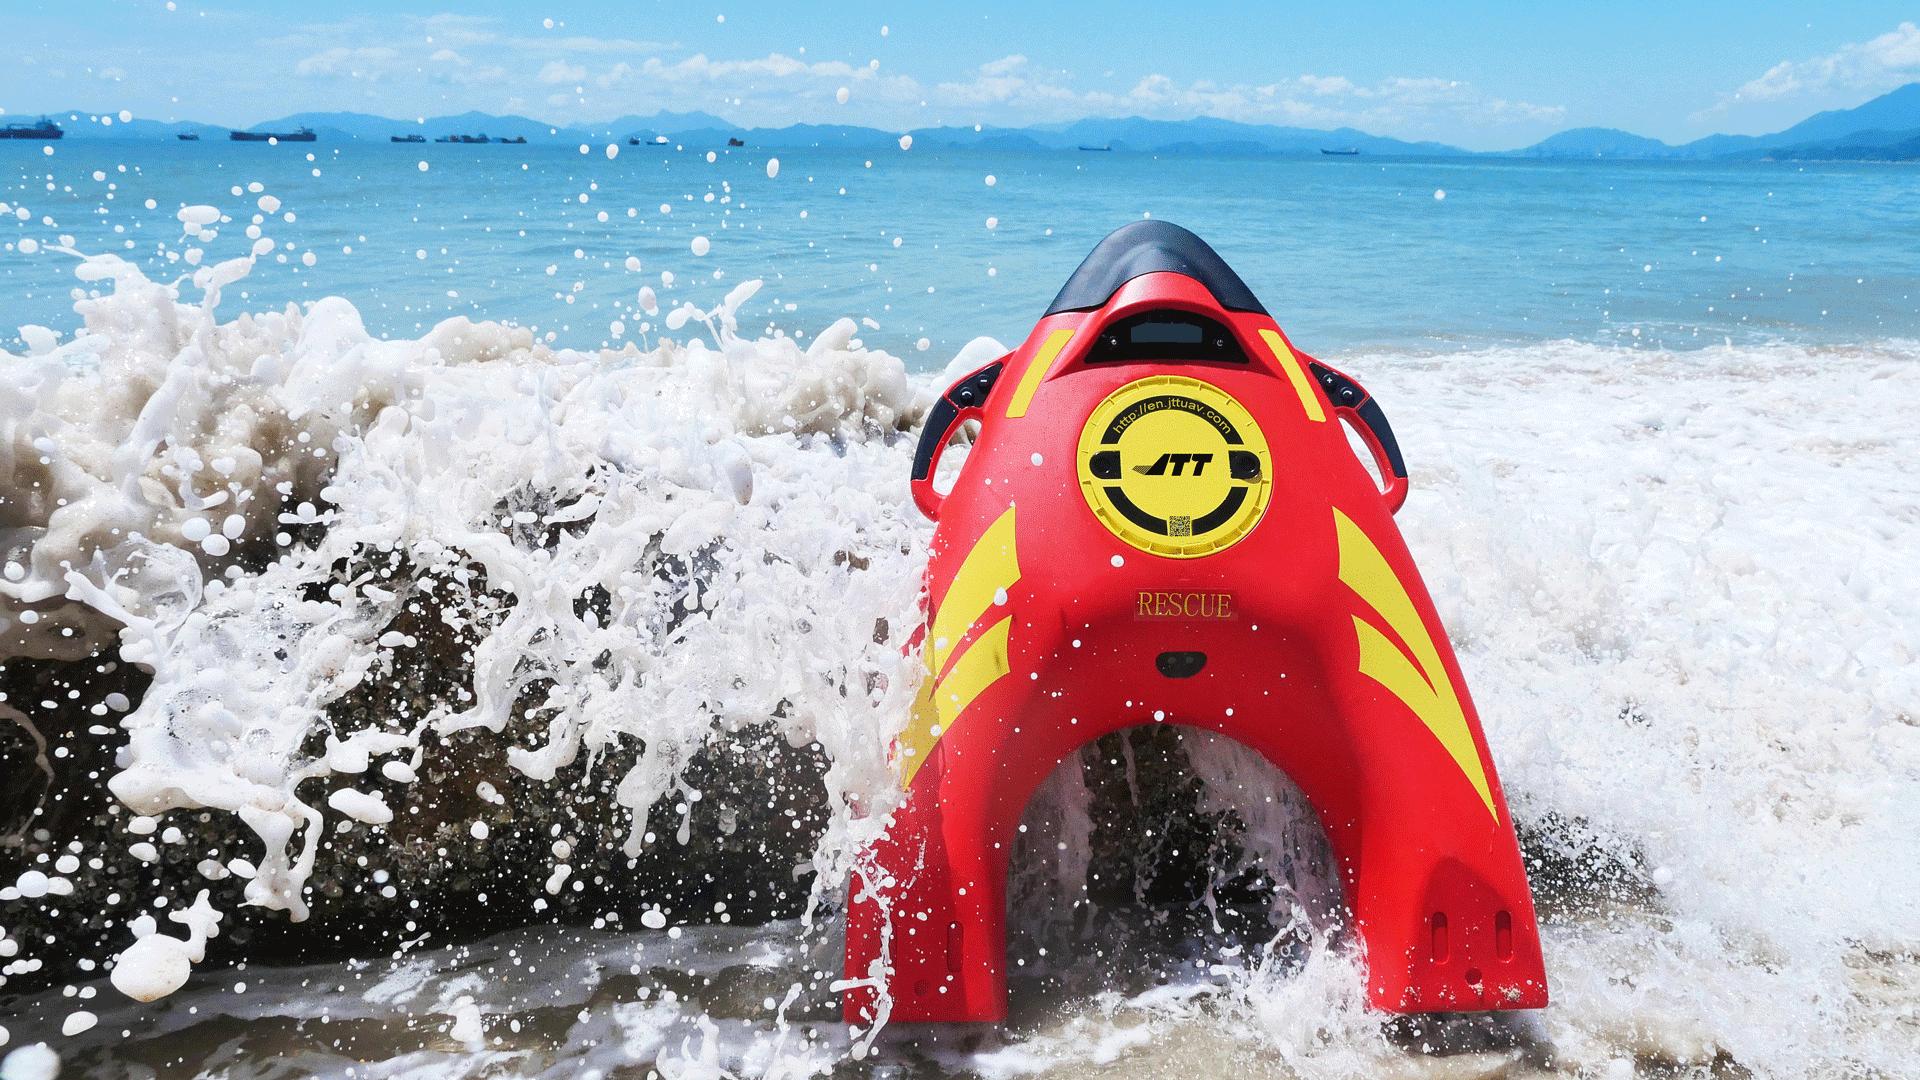 JTT-R1 水上救援机器人